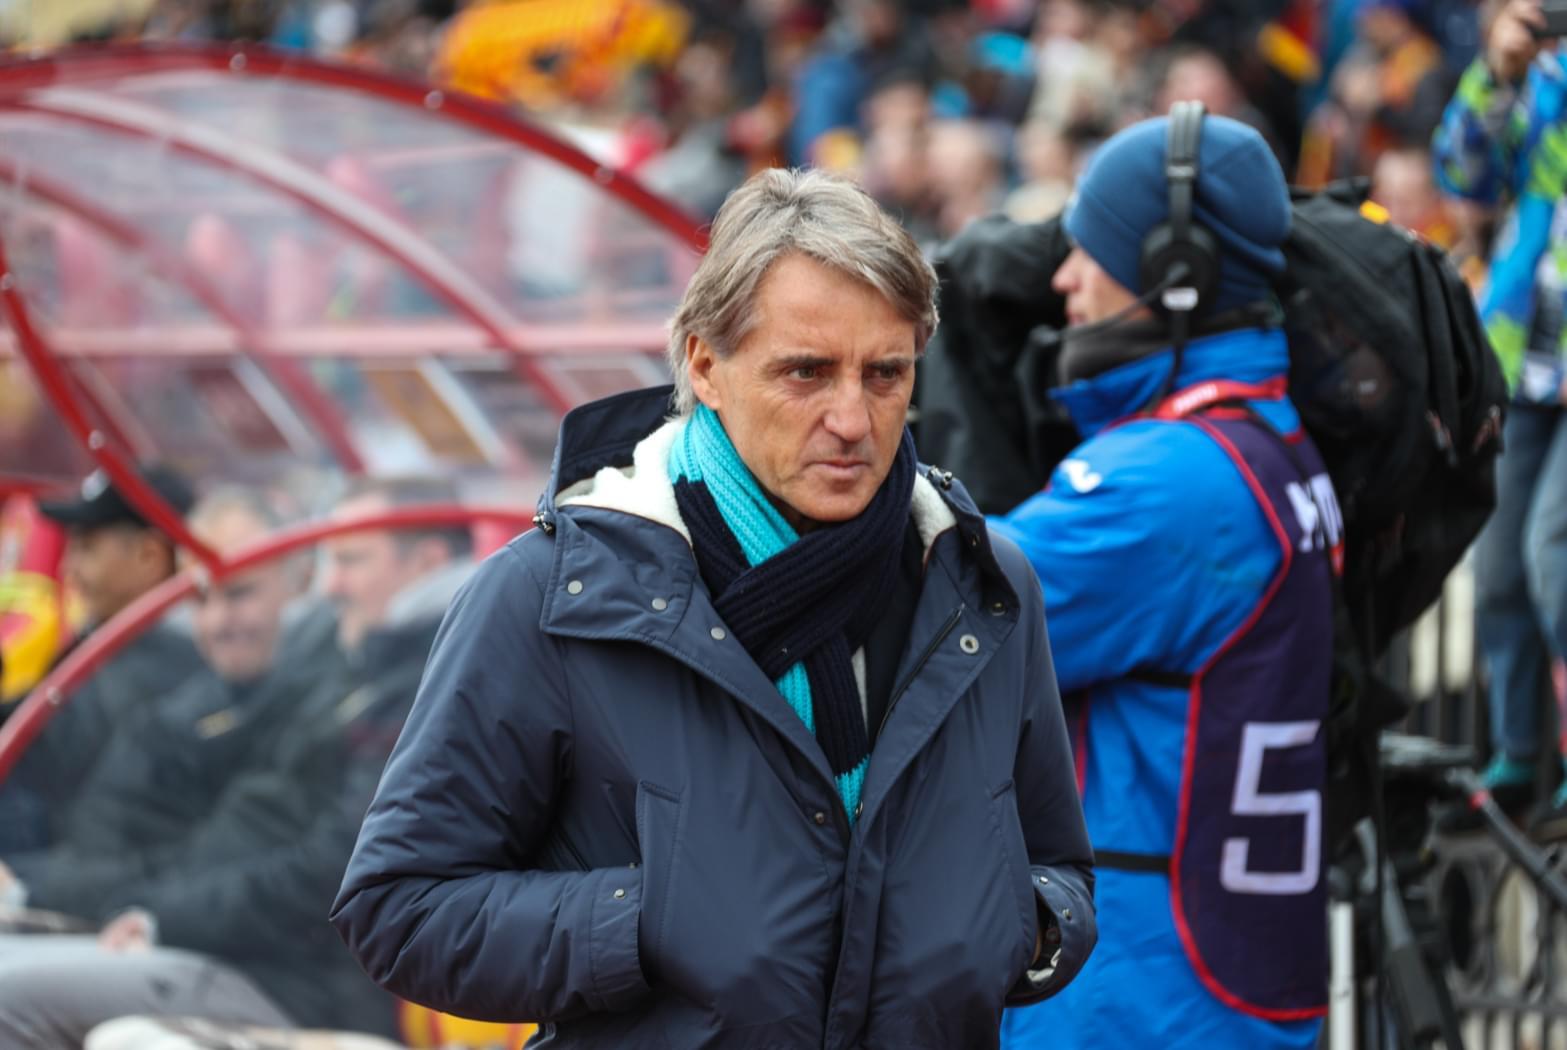 СМИ: Манчини попал в число кандидатов на пост главного тренера «Ювентуса» - фото